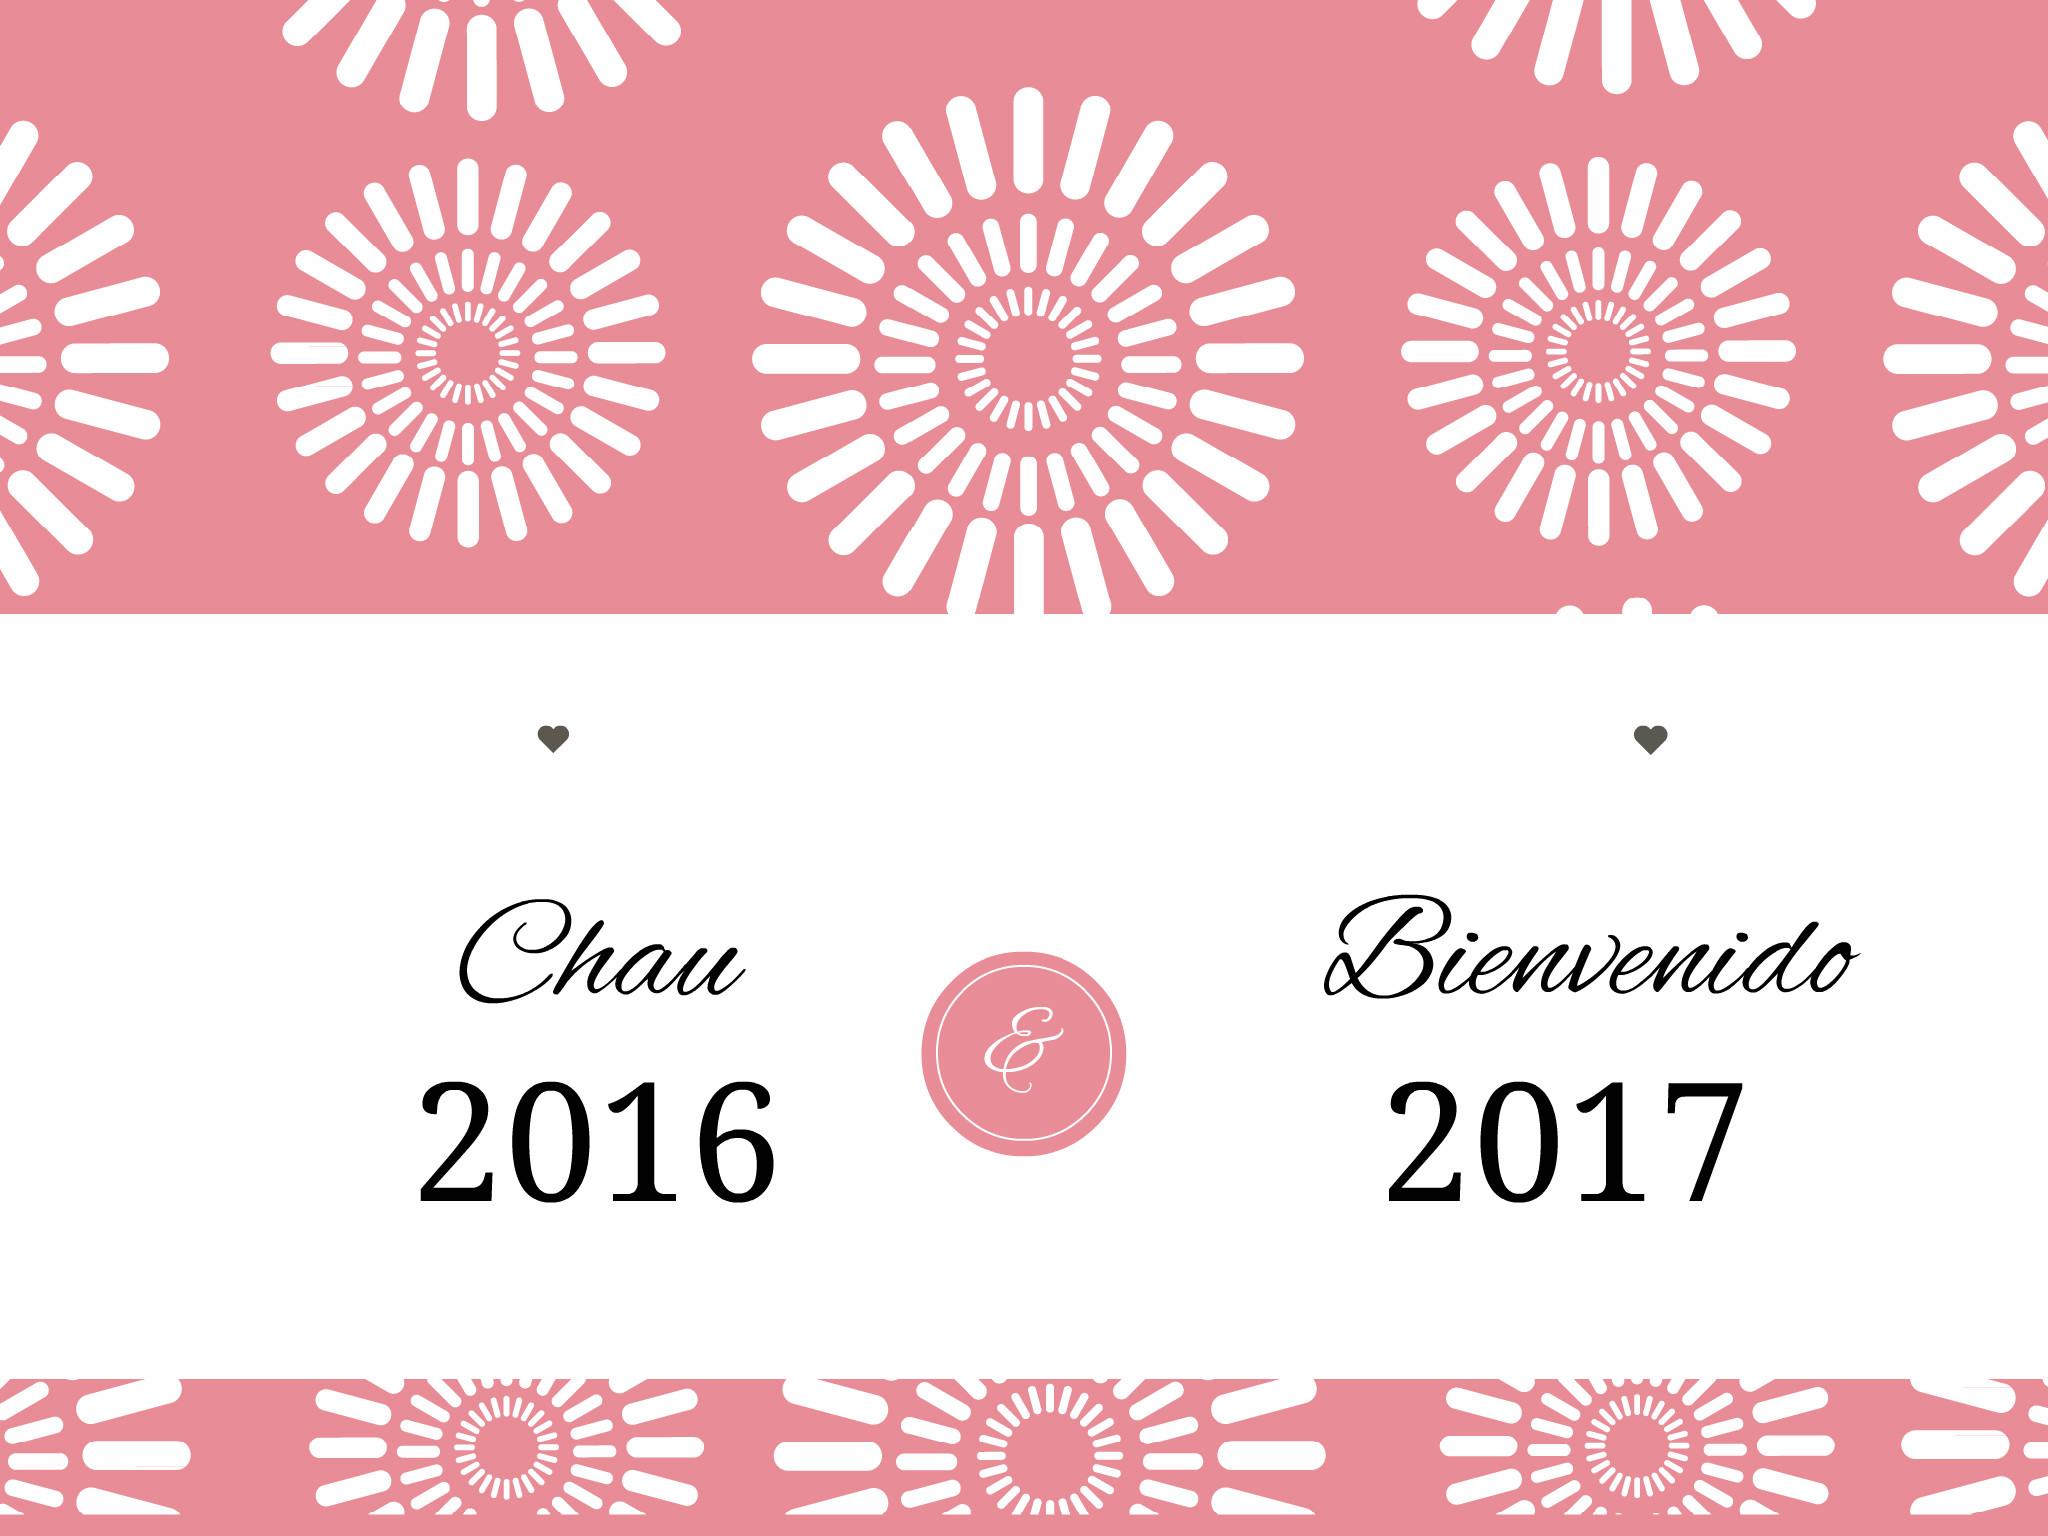 imagenes-de-ano-nuevo-2017